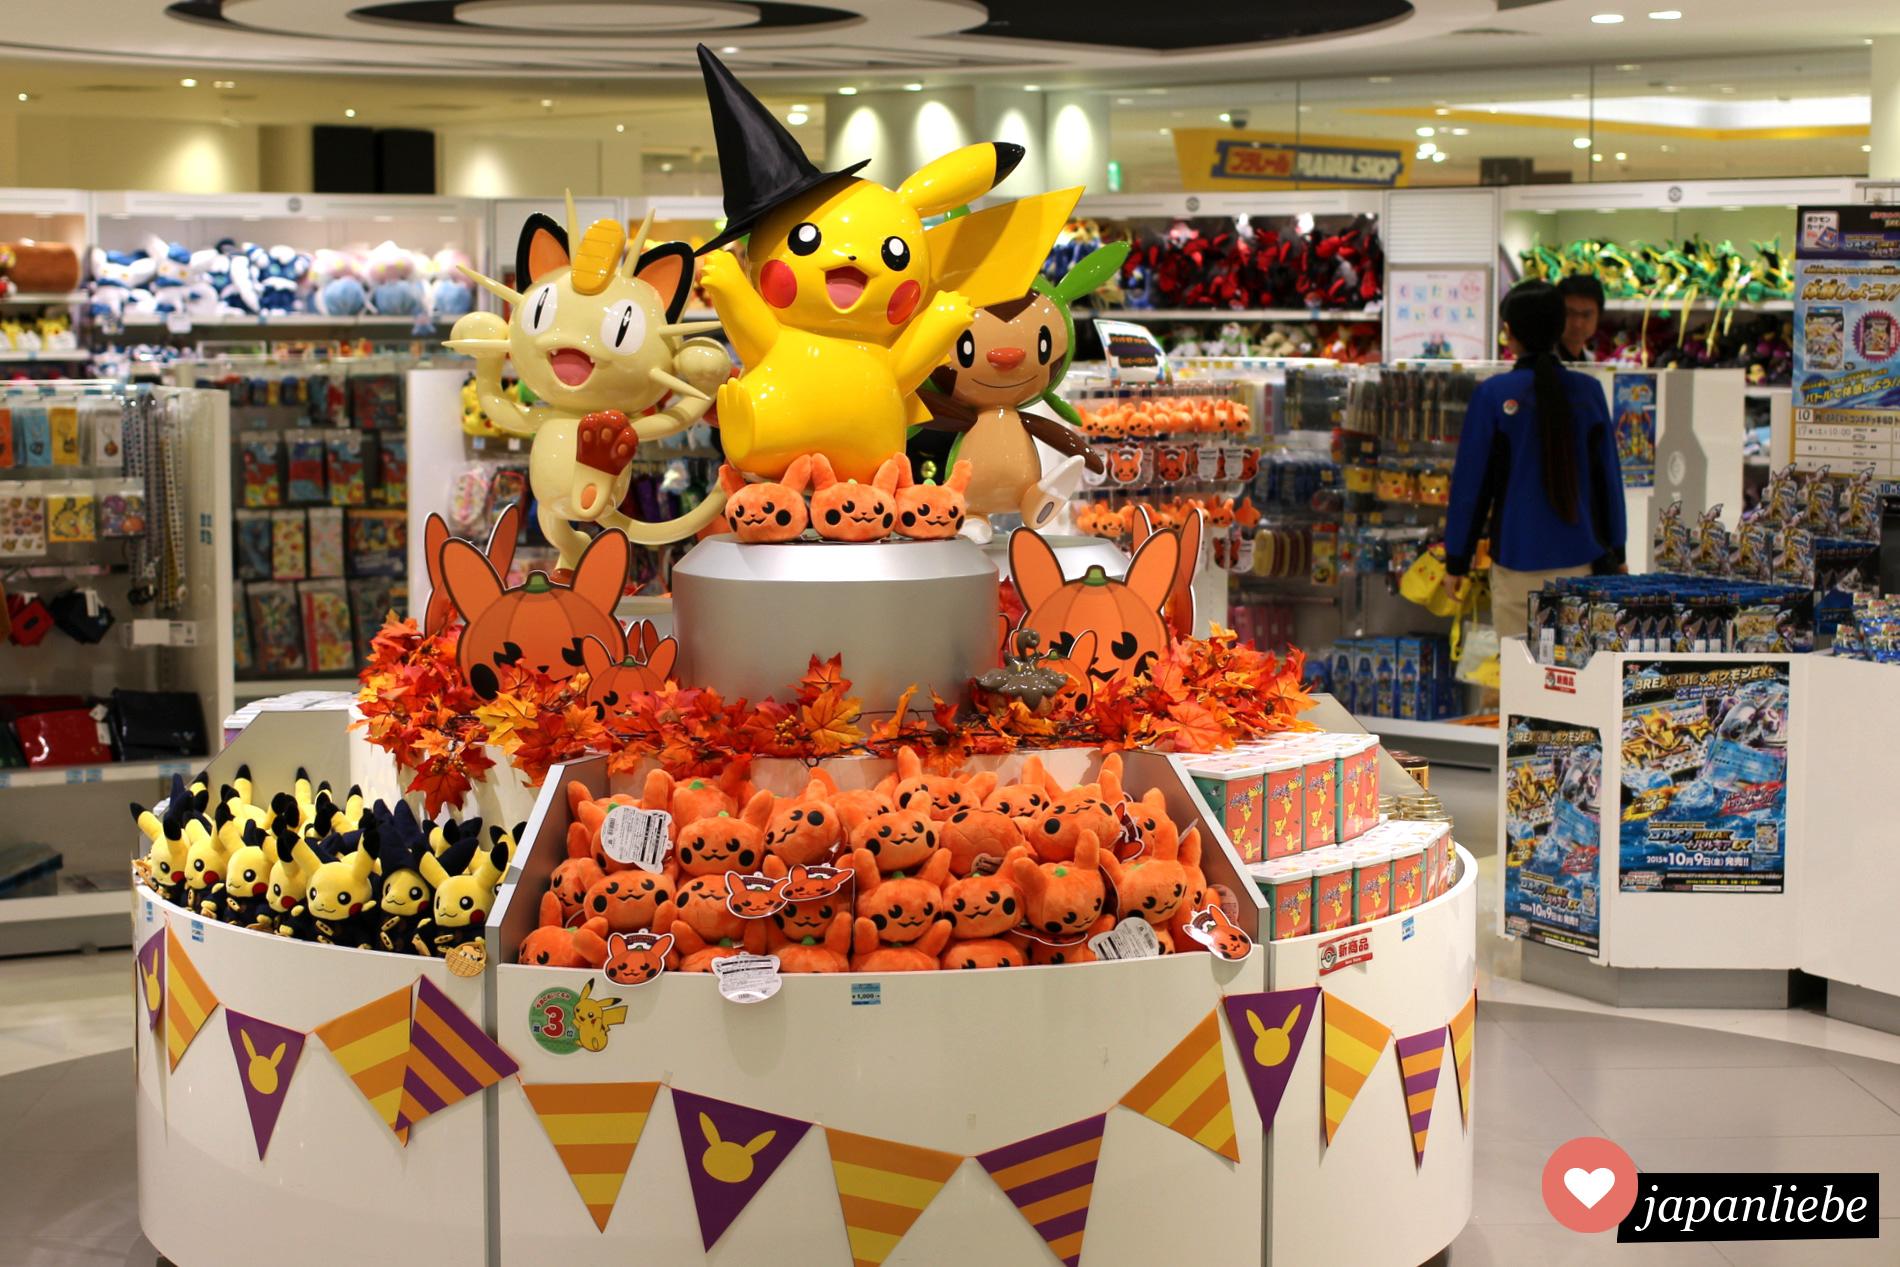 r Osaka kurz vor Halloween: Kürbis Pikachus